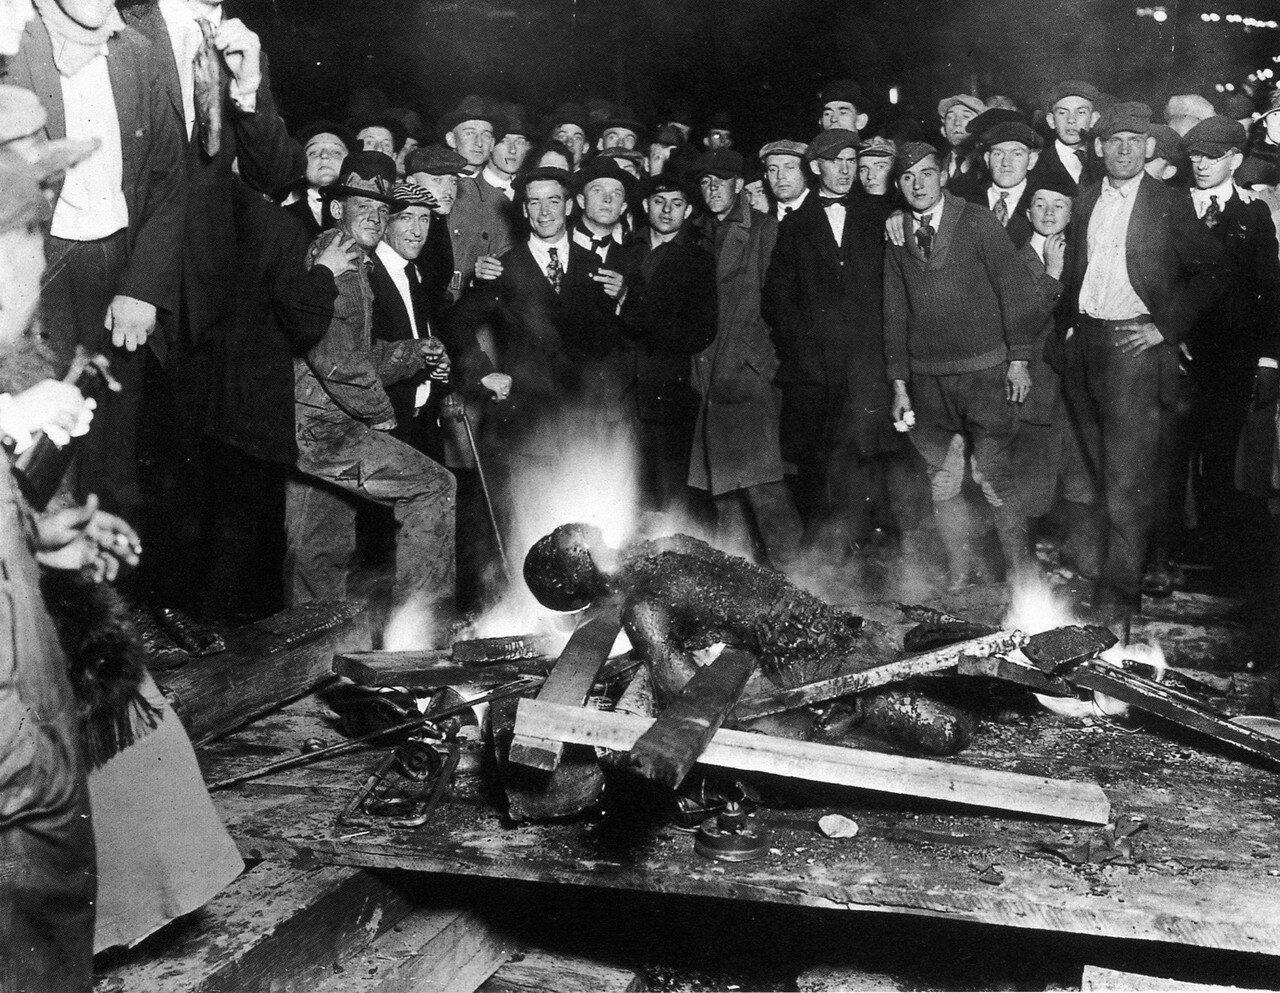 1919. 28 сентября Линчевание в Омахе, Небраска